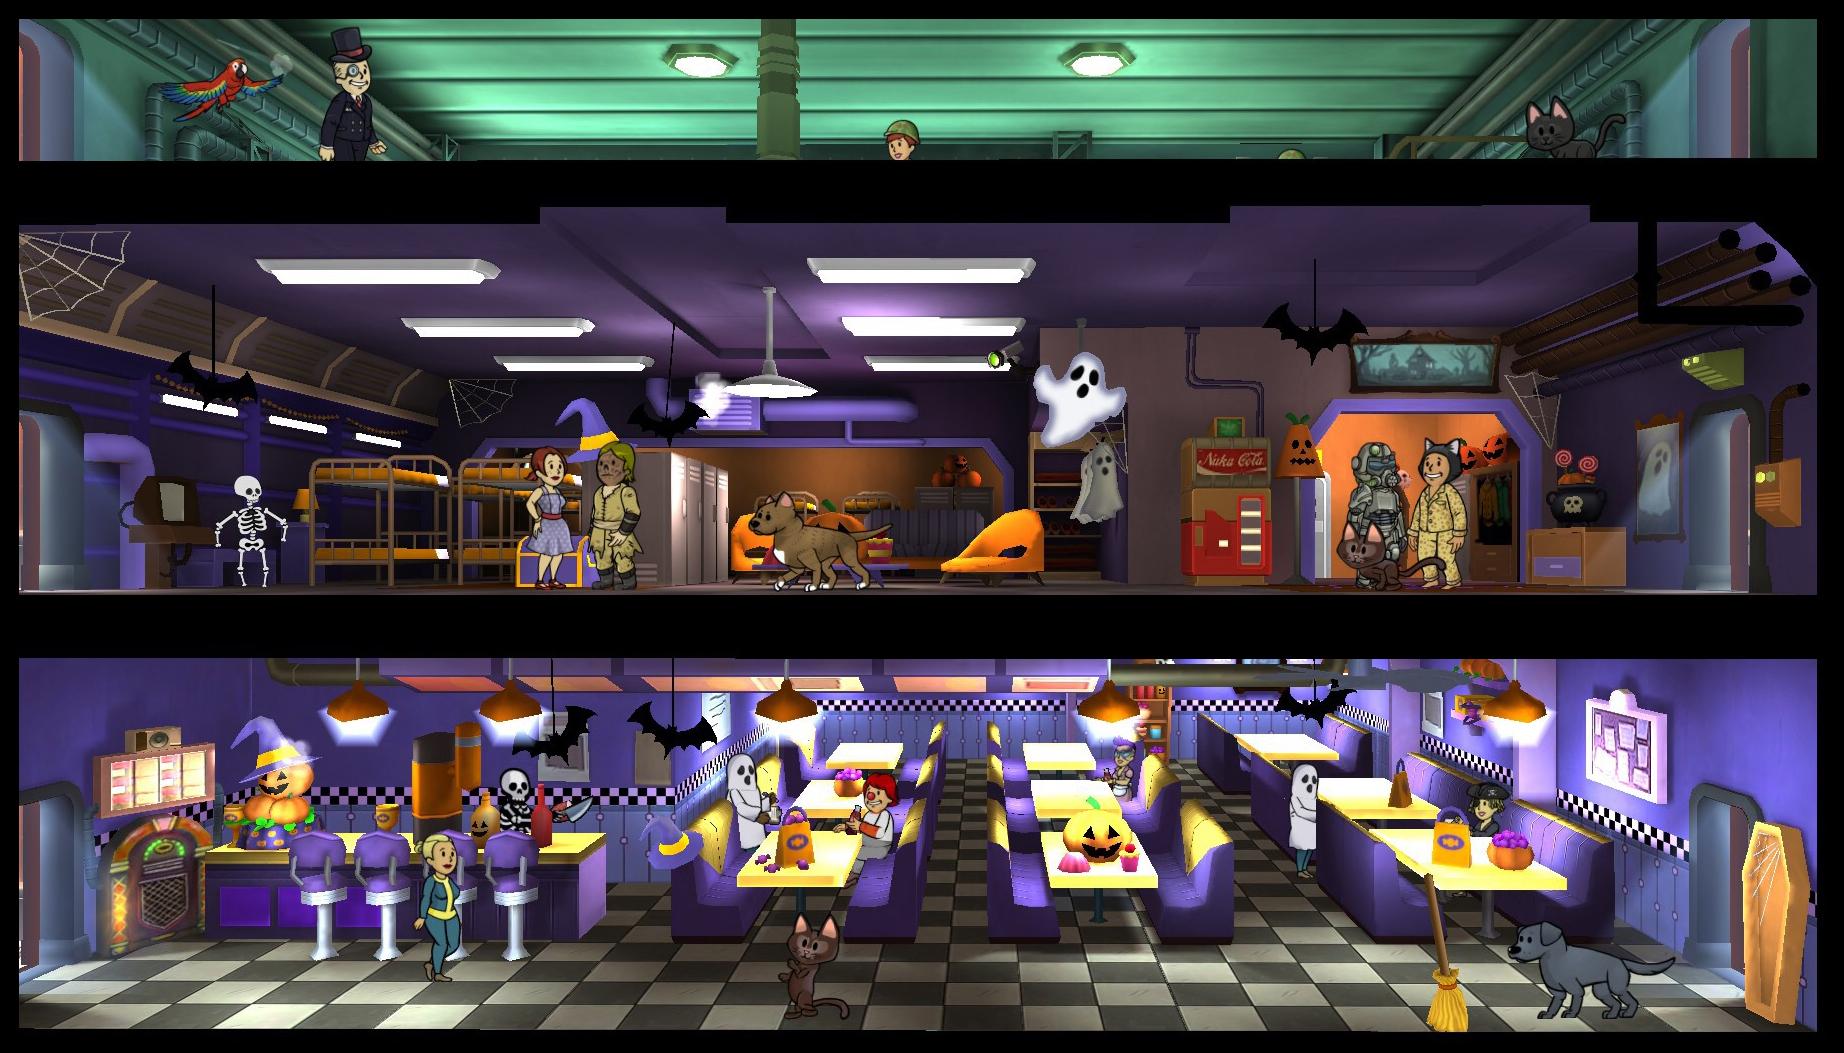 fallout shelter 18 update halloween roomjpg